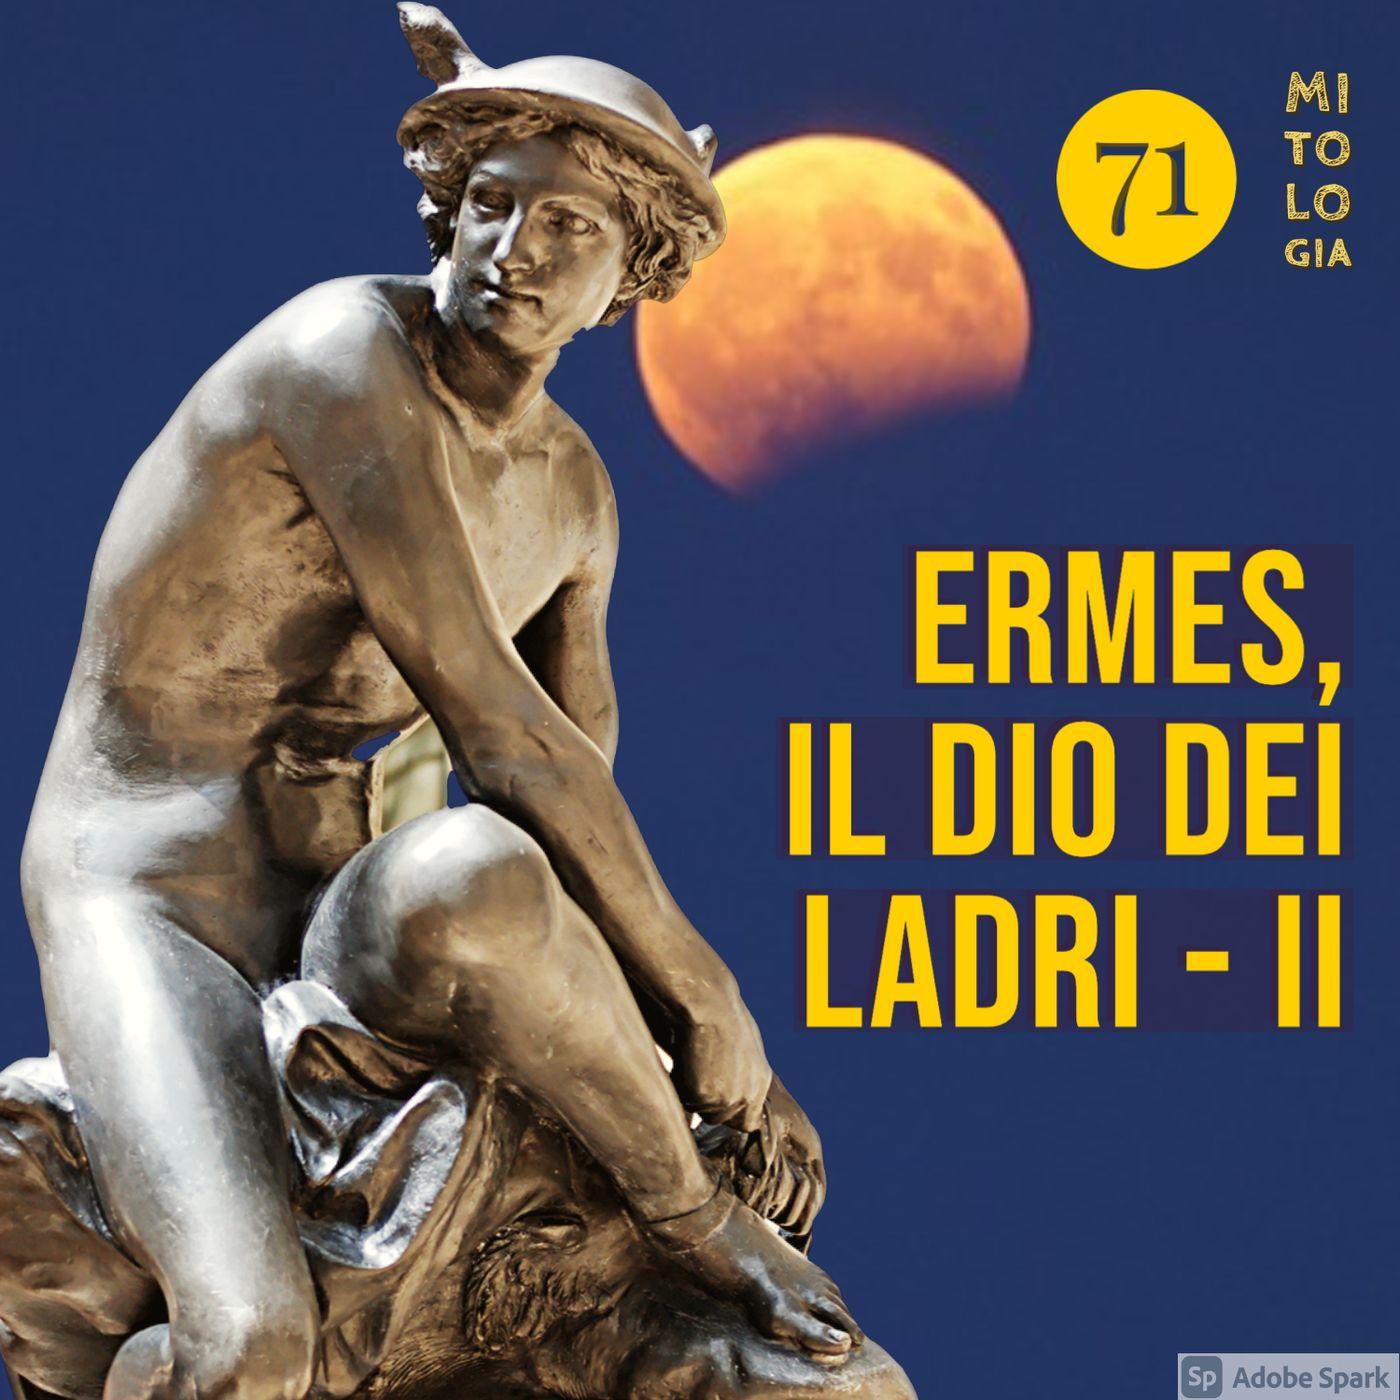 Ermes, il dio dei ladri - II